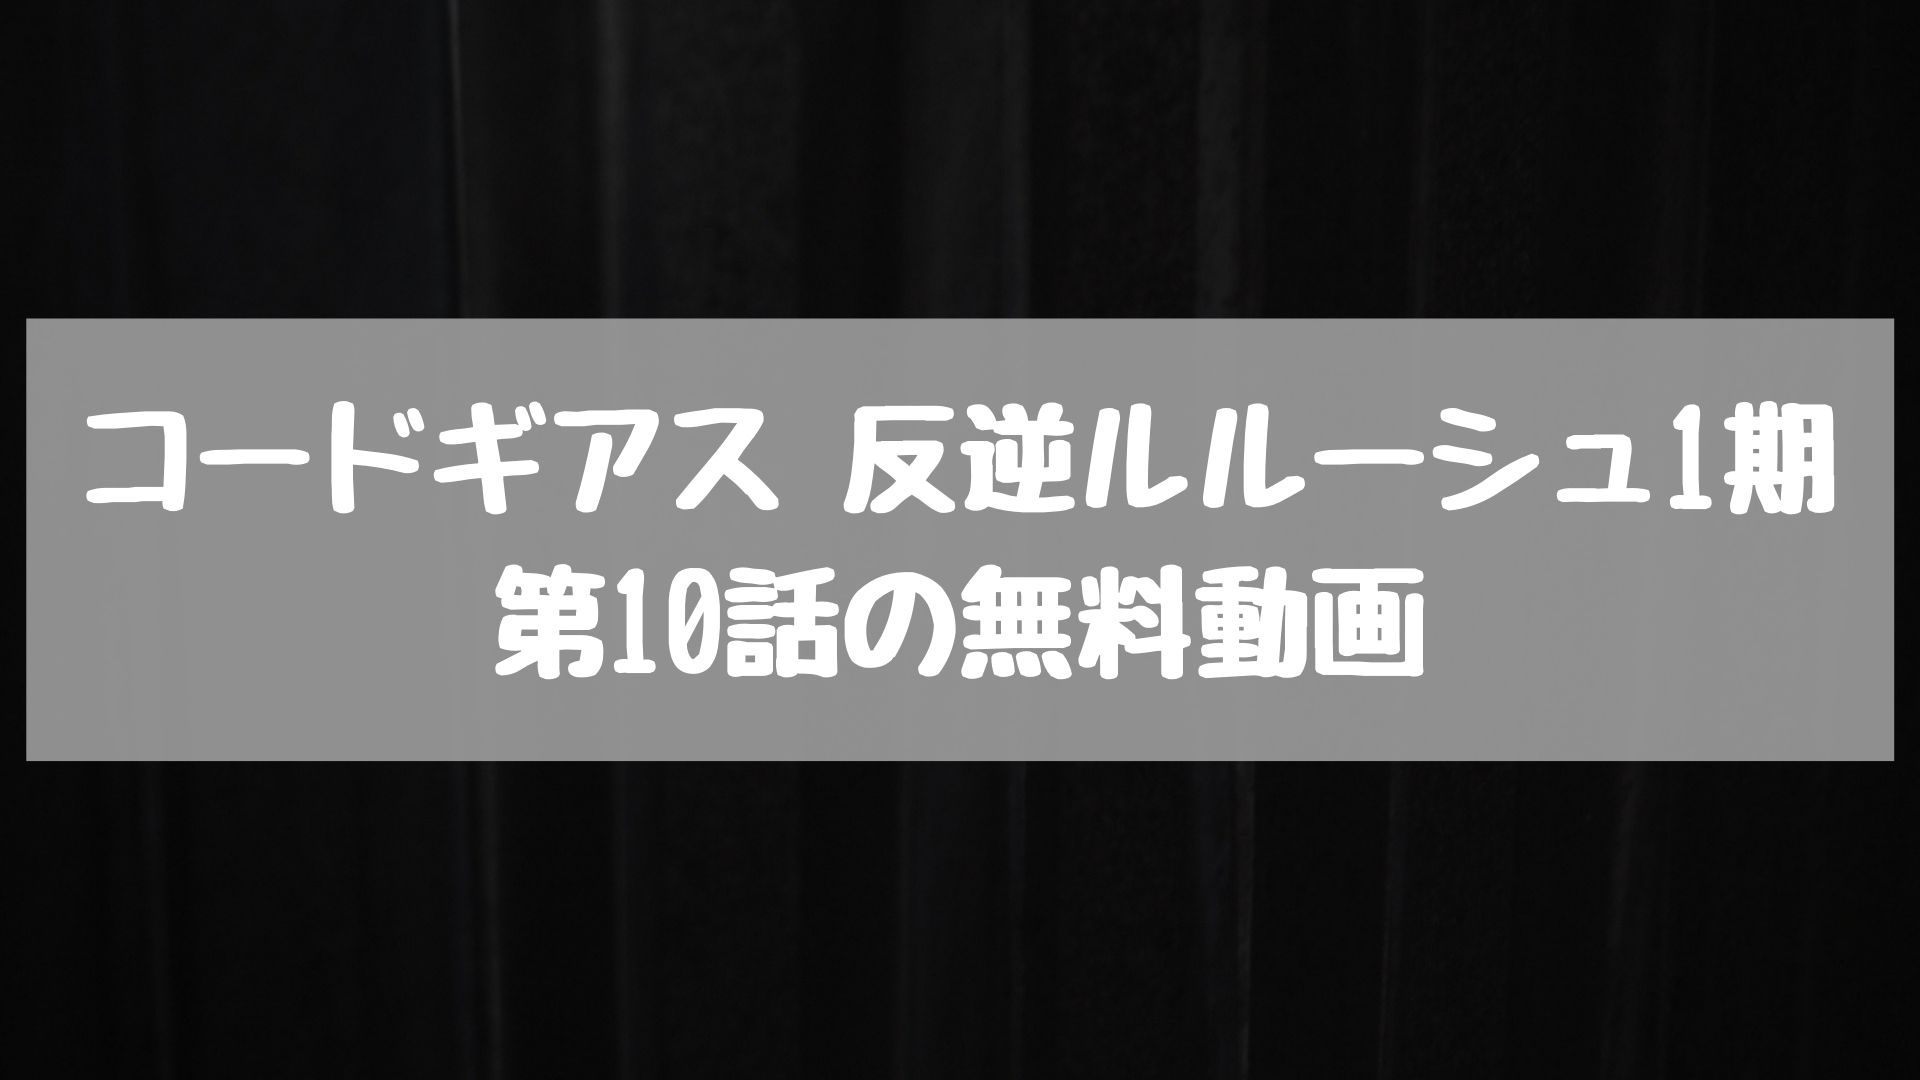 コードギアス 反逆ルルーシュ1期 第10話の無料動画